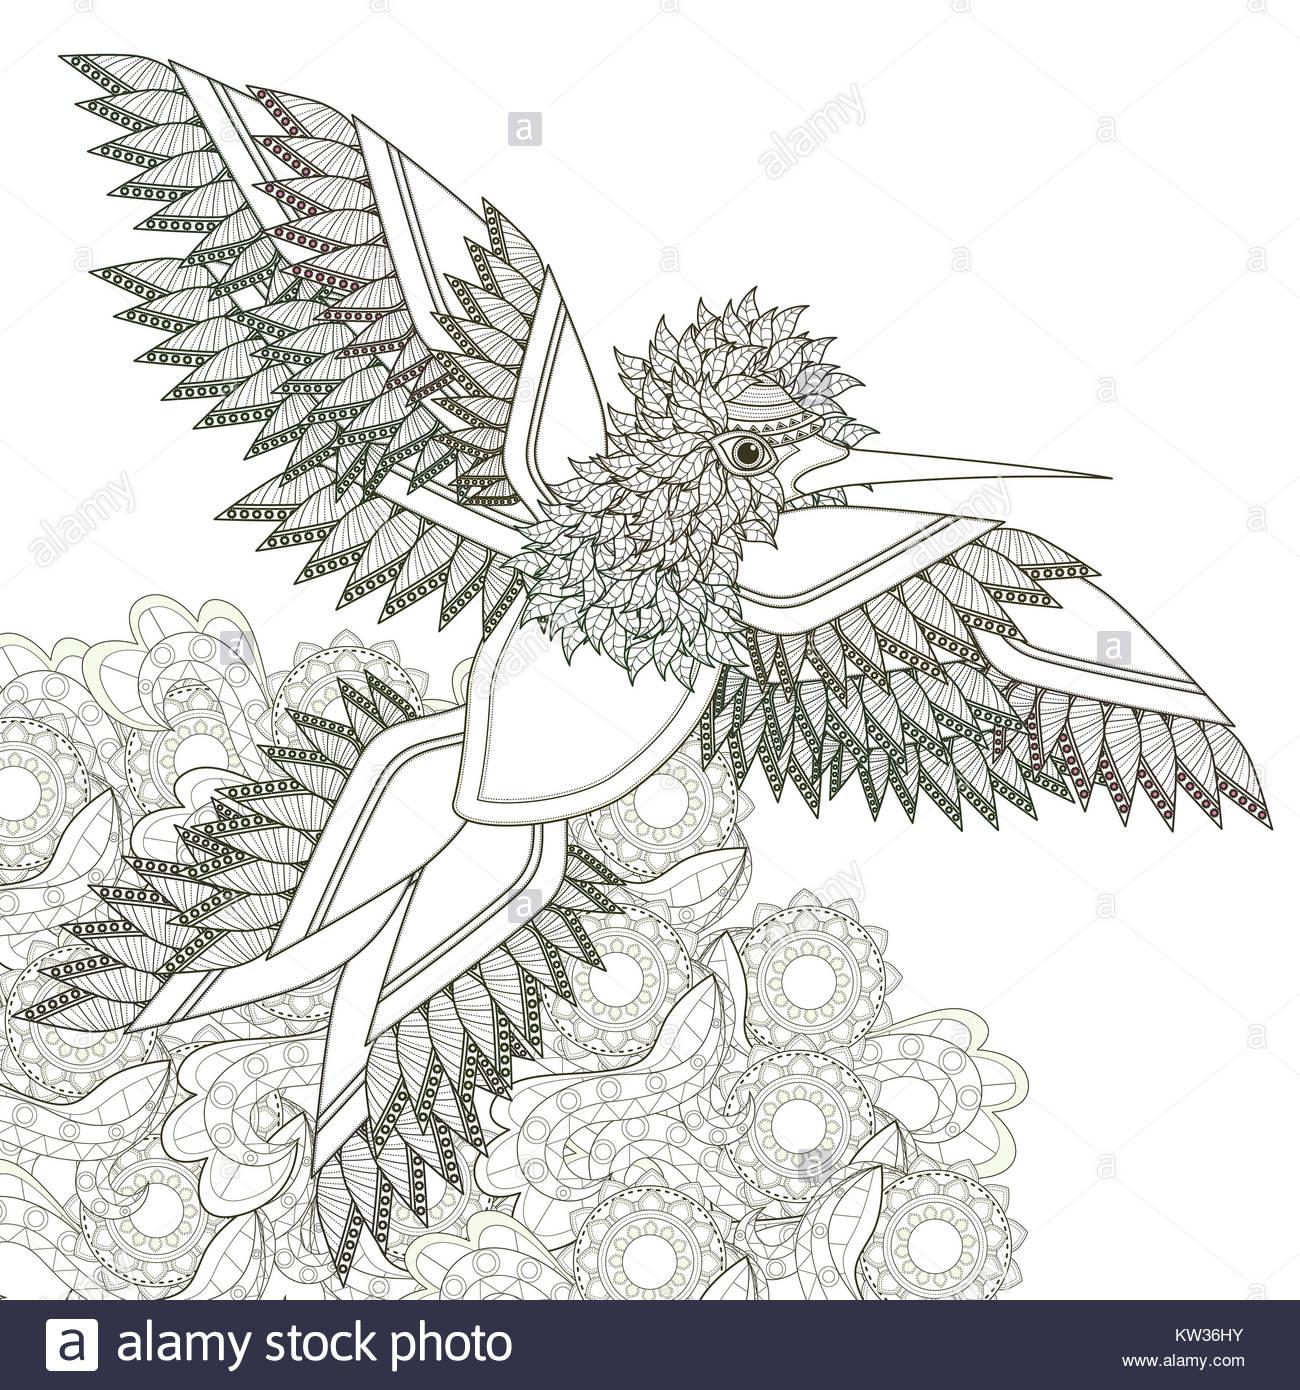 Elegante diseño de páginas para colorear de aves volando en un ...